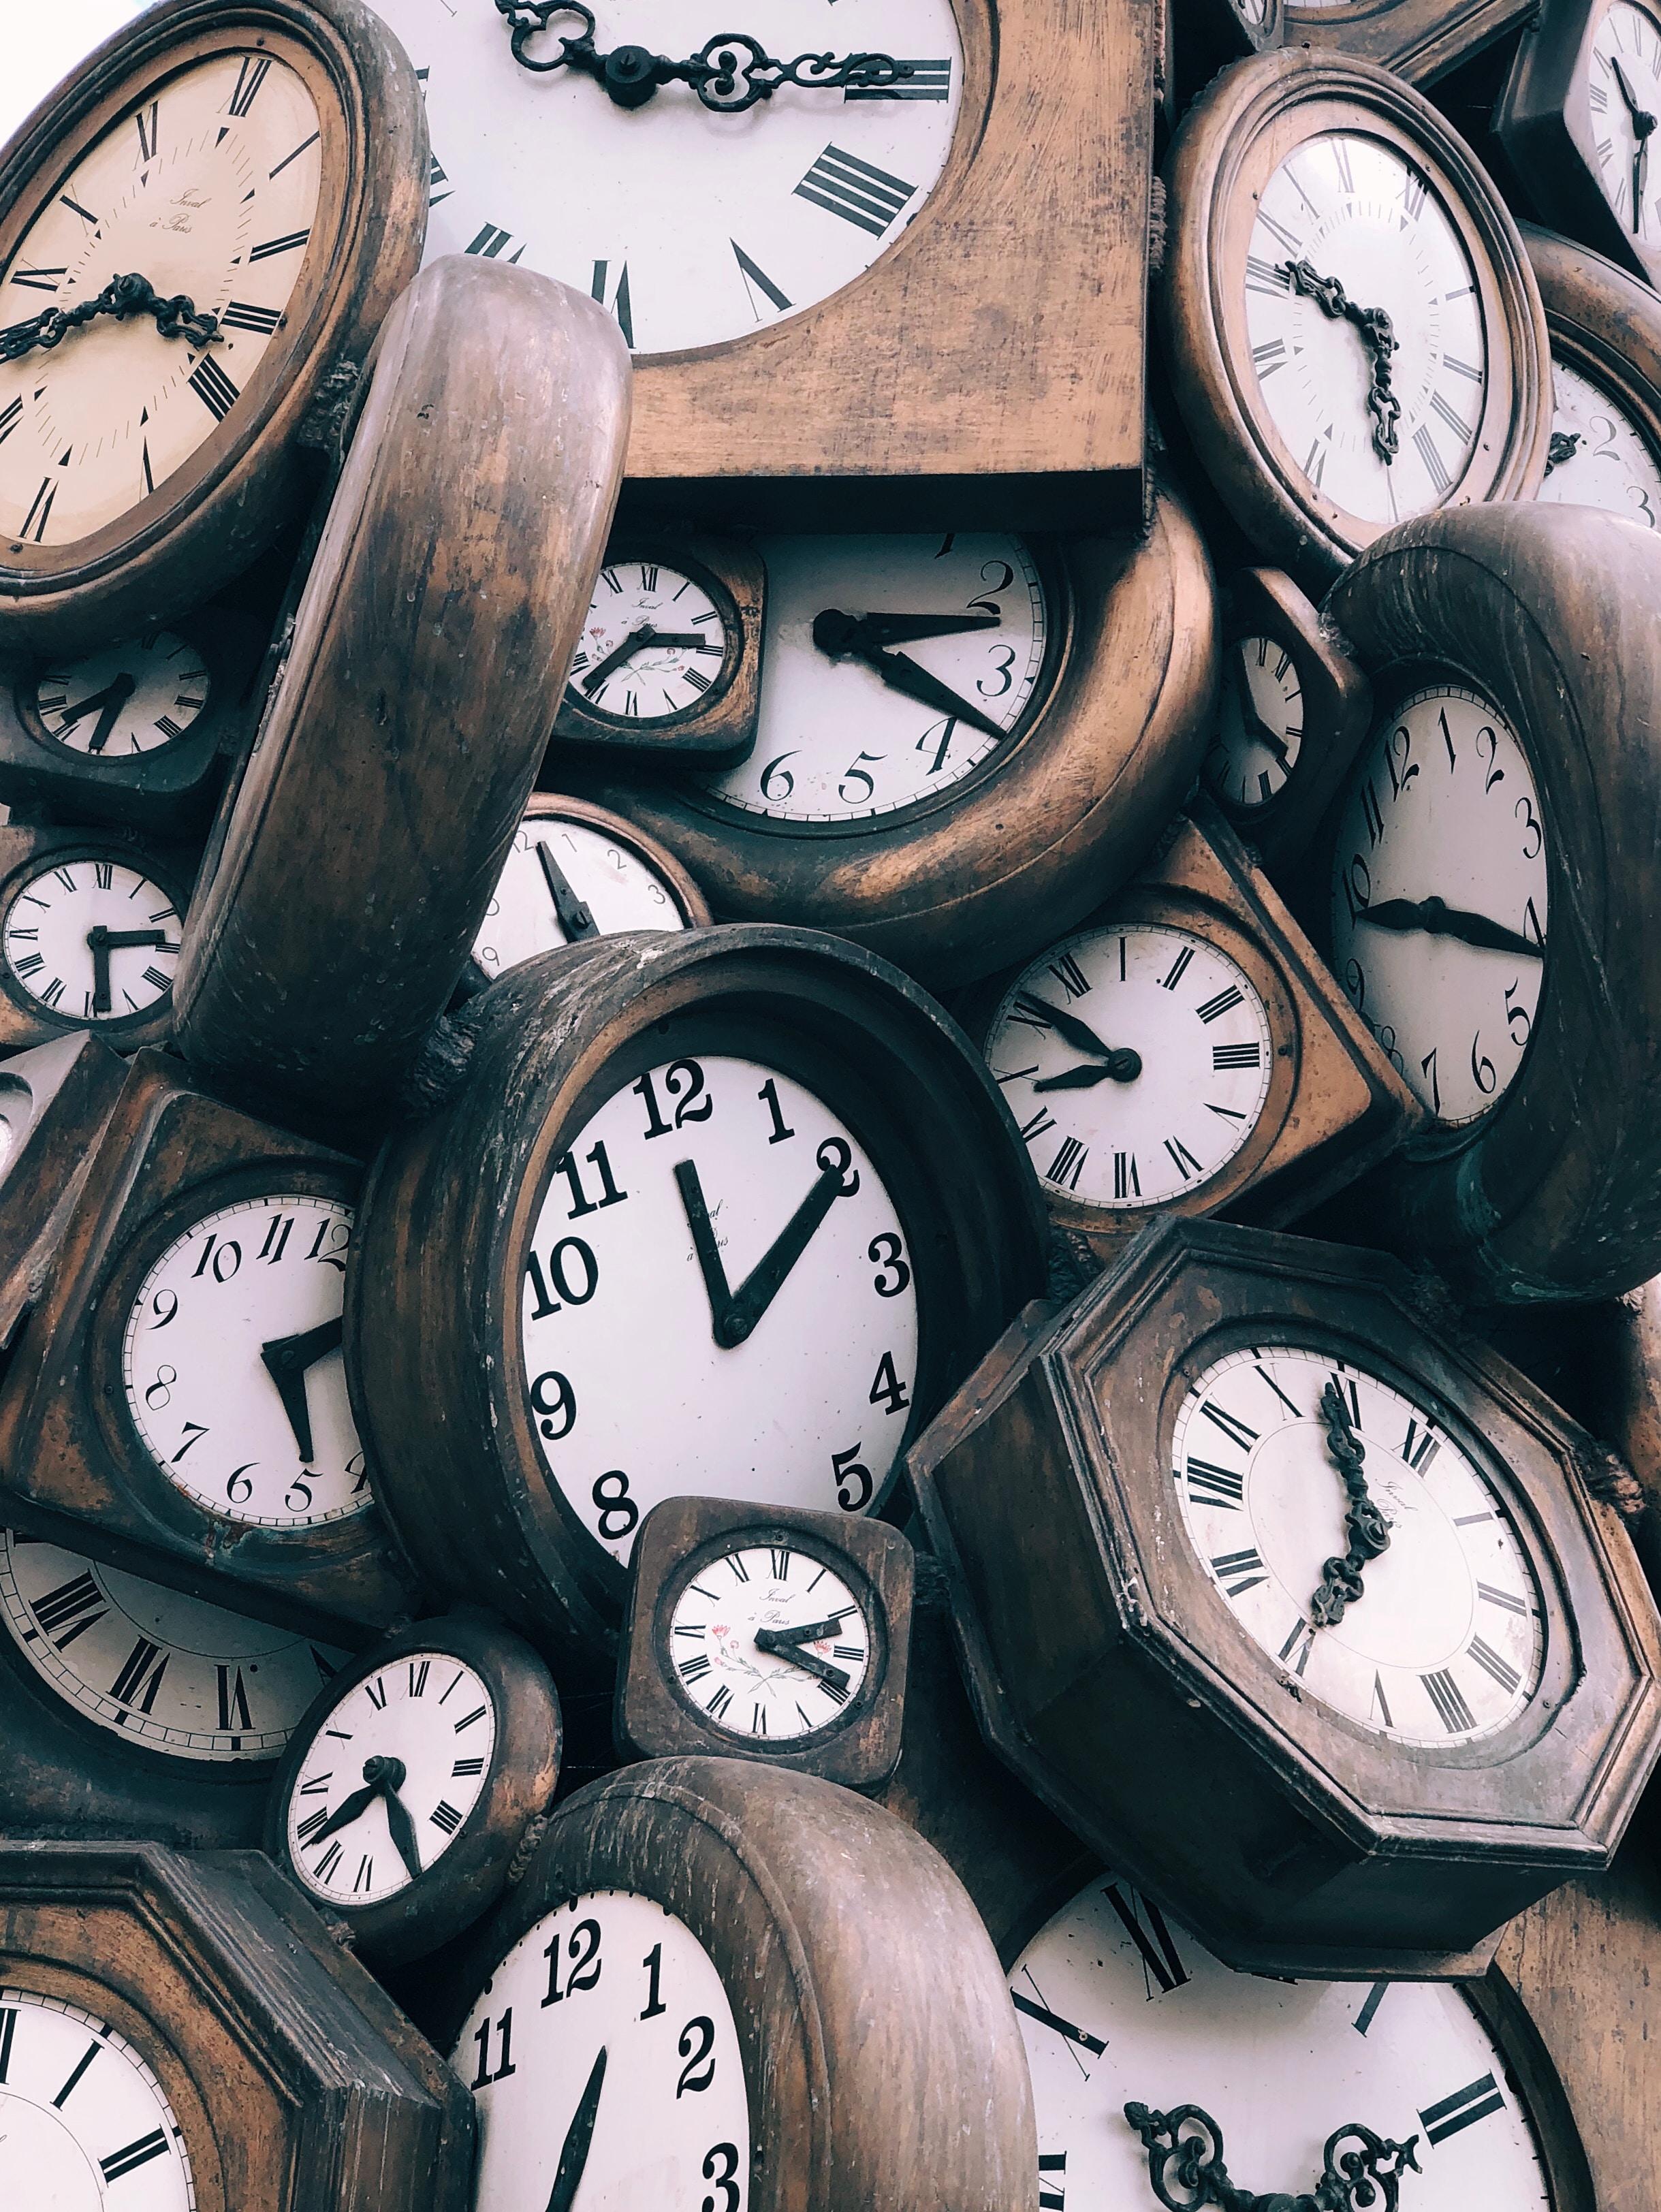 une pile d'horloges